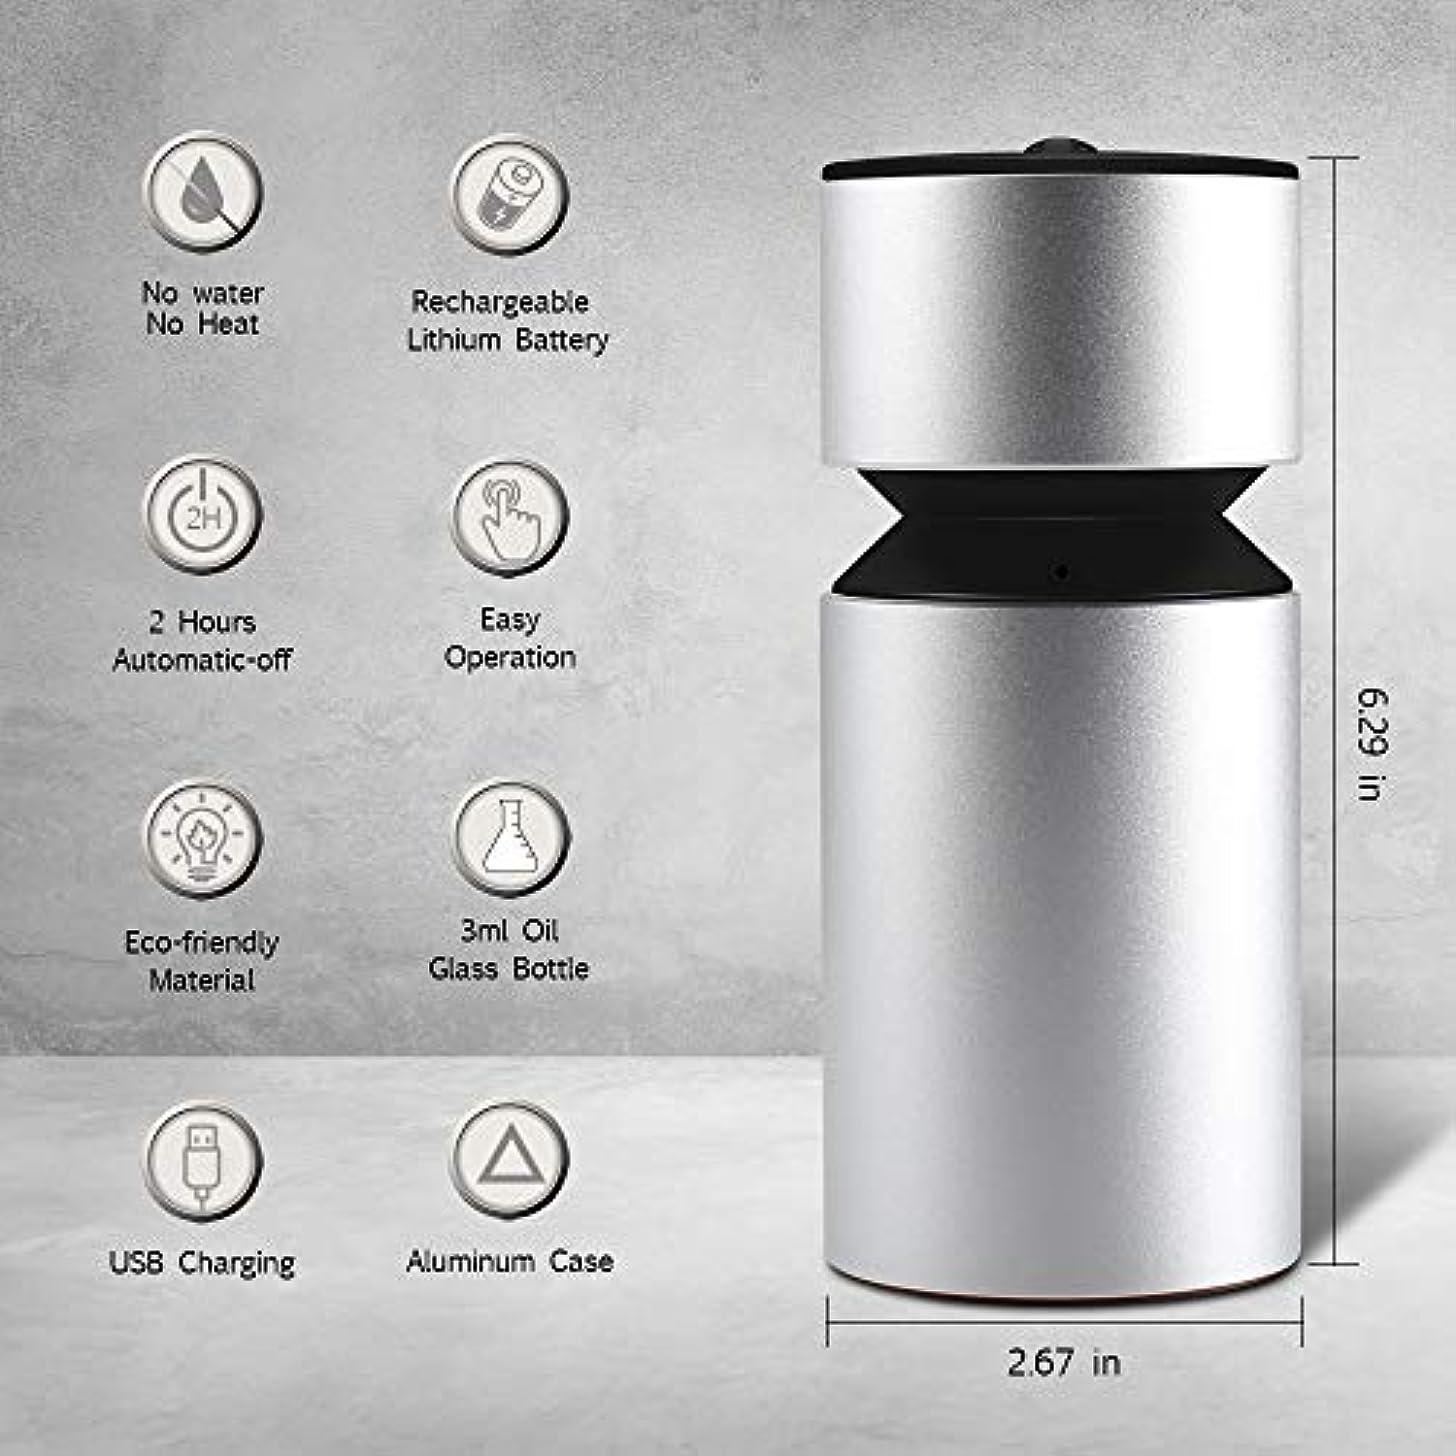 する必要がある断線エッセンス噴霧オイルディフューザー、超音波アロマディフューザー、ミニ3.0 USB充電式ネブライザーアロマアロマアロマ